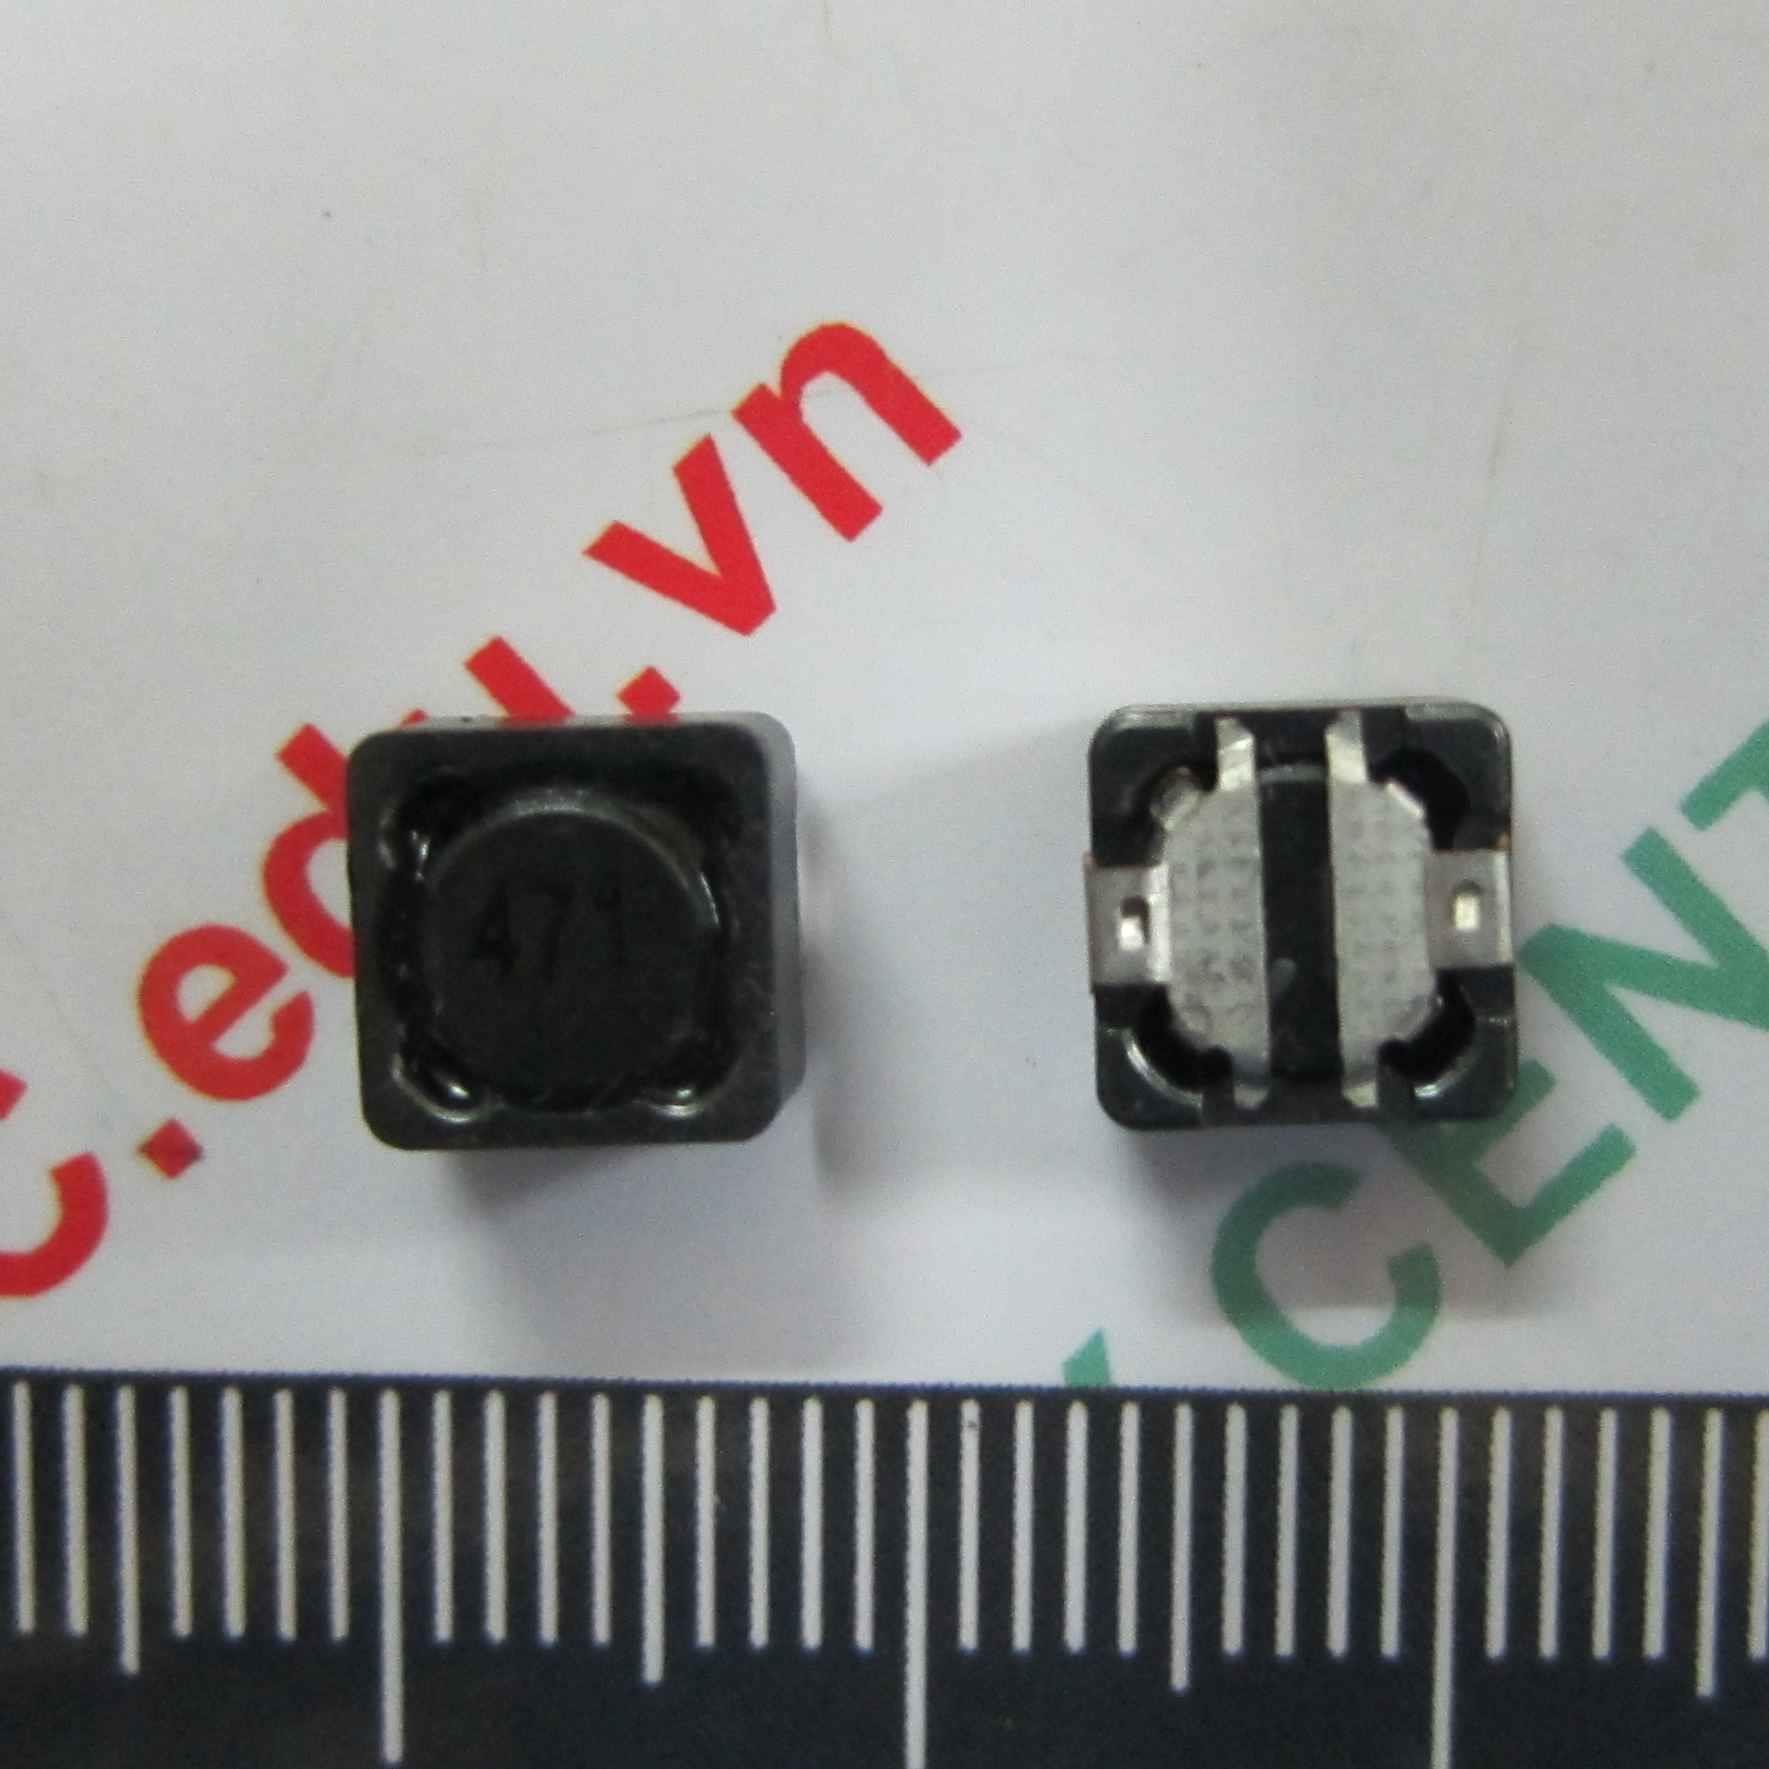 CUỘN CẢM SMD 10uH 7.4x7.4mm CD74R 0.4A - B9H15